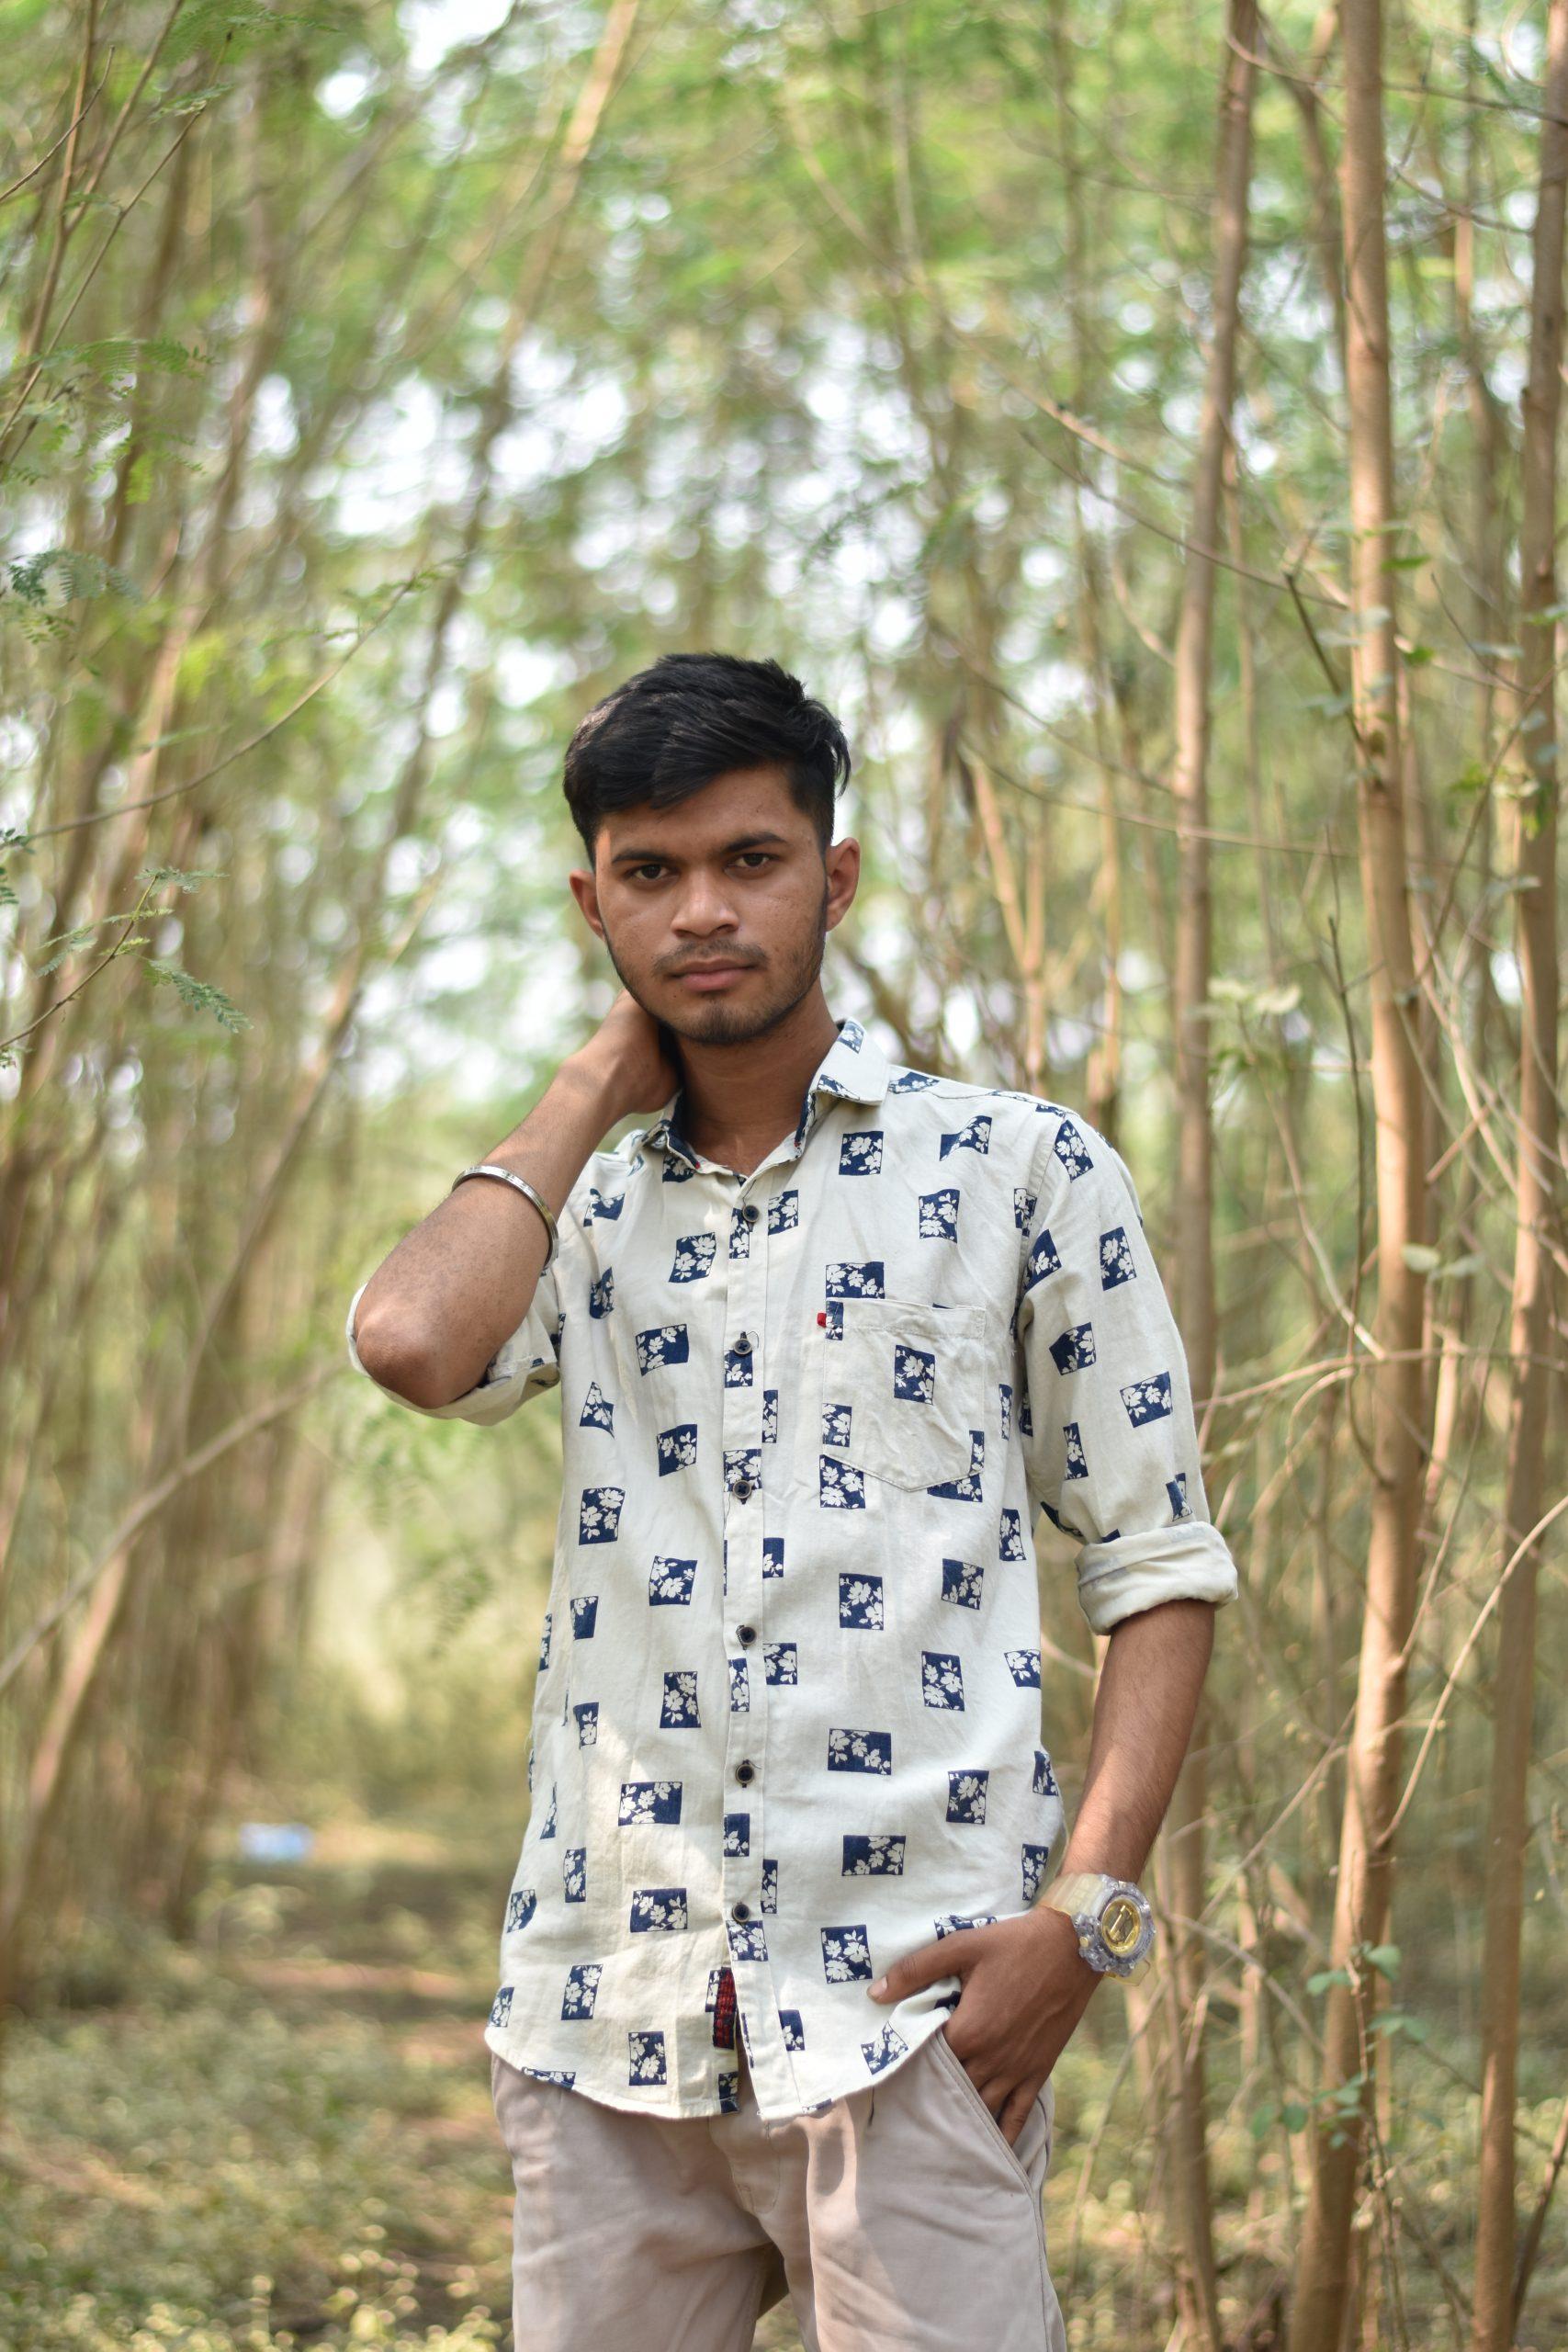 A boy in a jungle